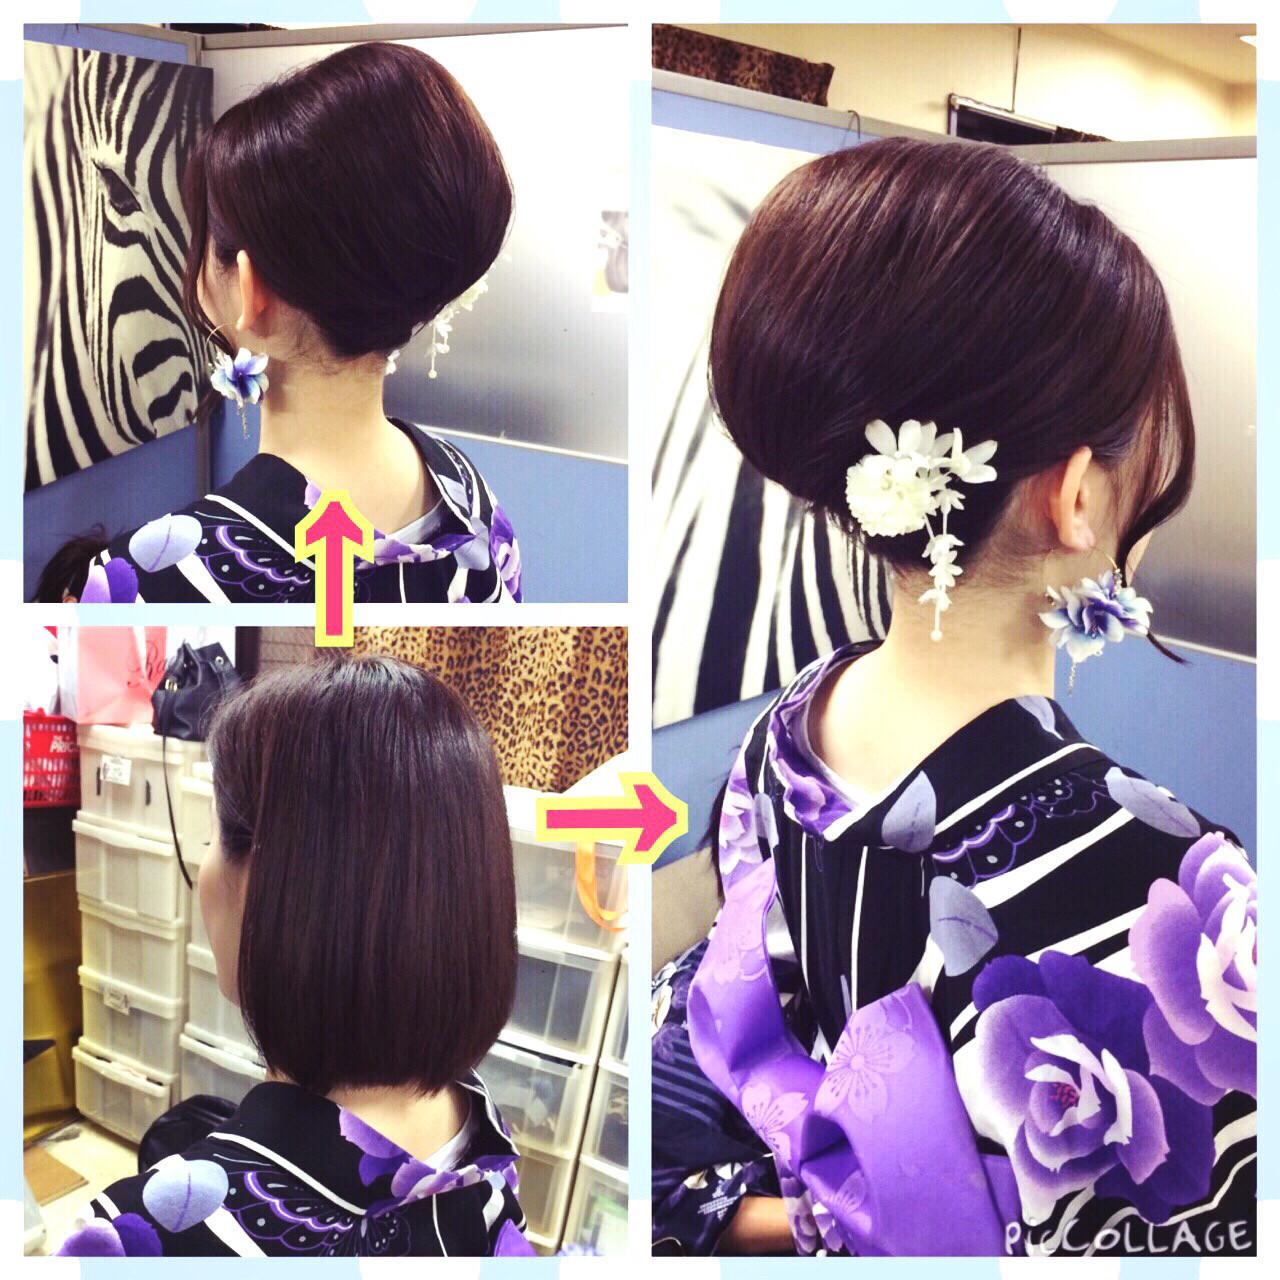 ミディアム 花火大会 エレガント アップスタイル ヘアスタイルや髪型の写真・画像